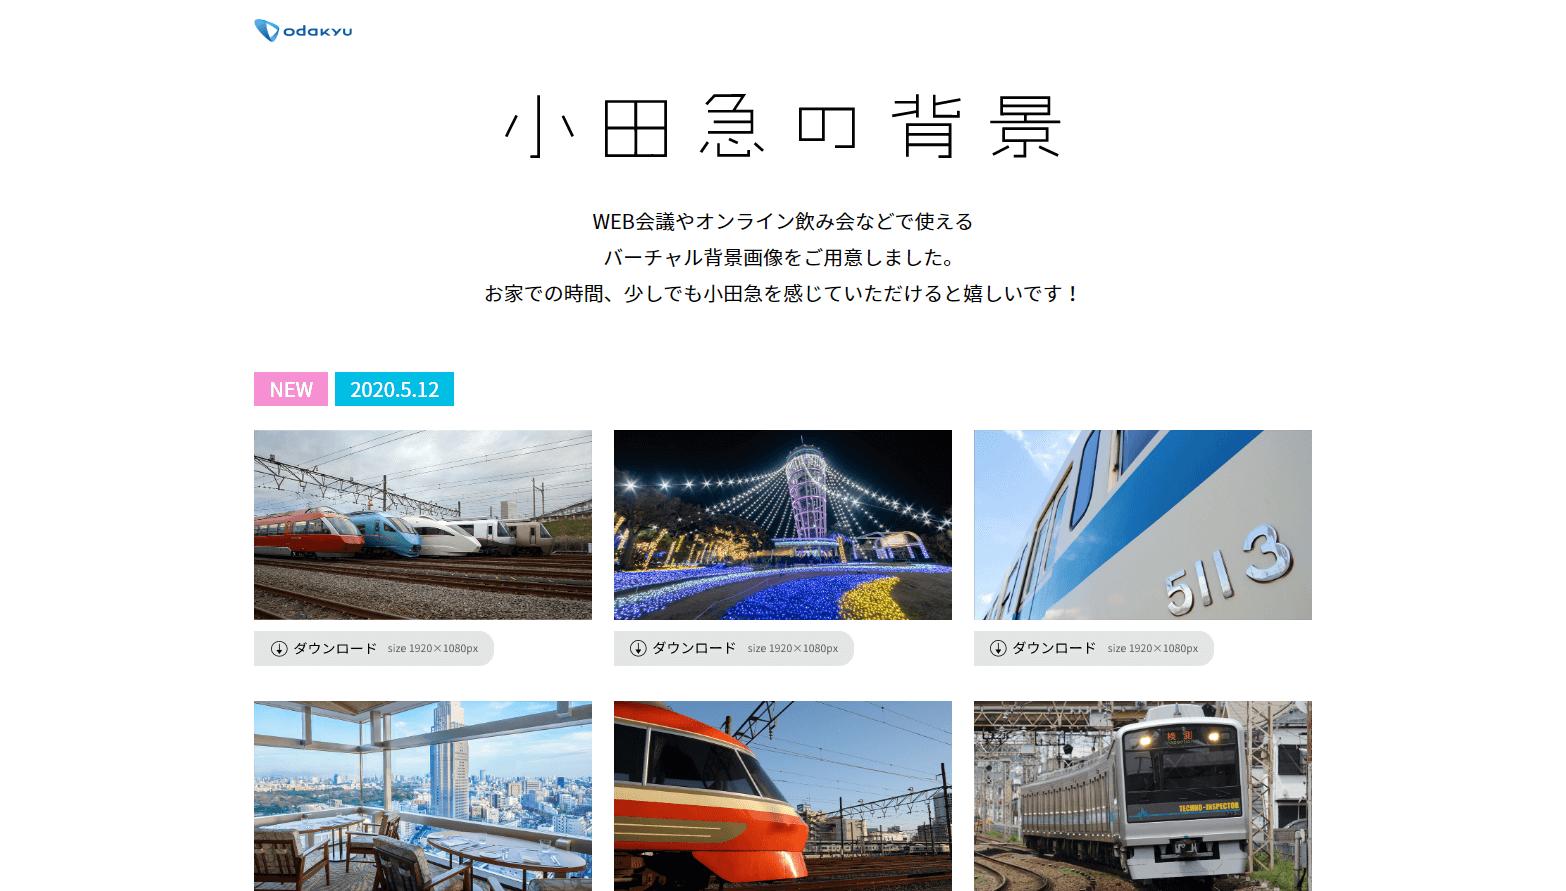 小田急電鉄 | 小田急の背景